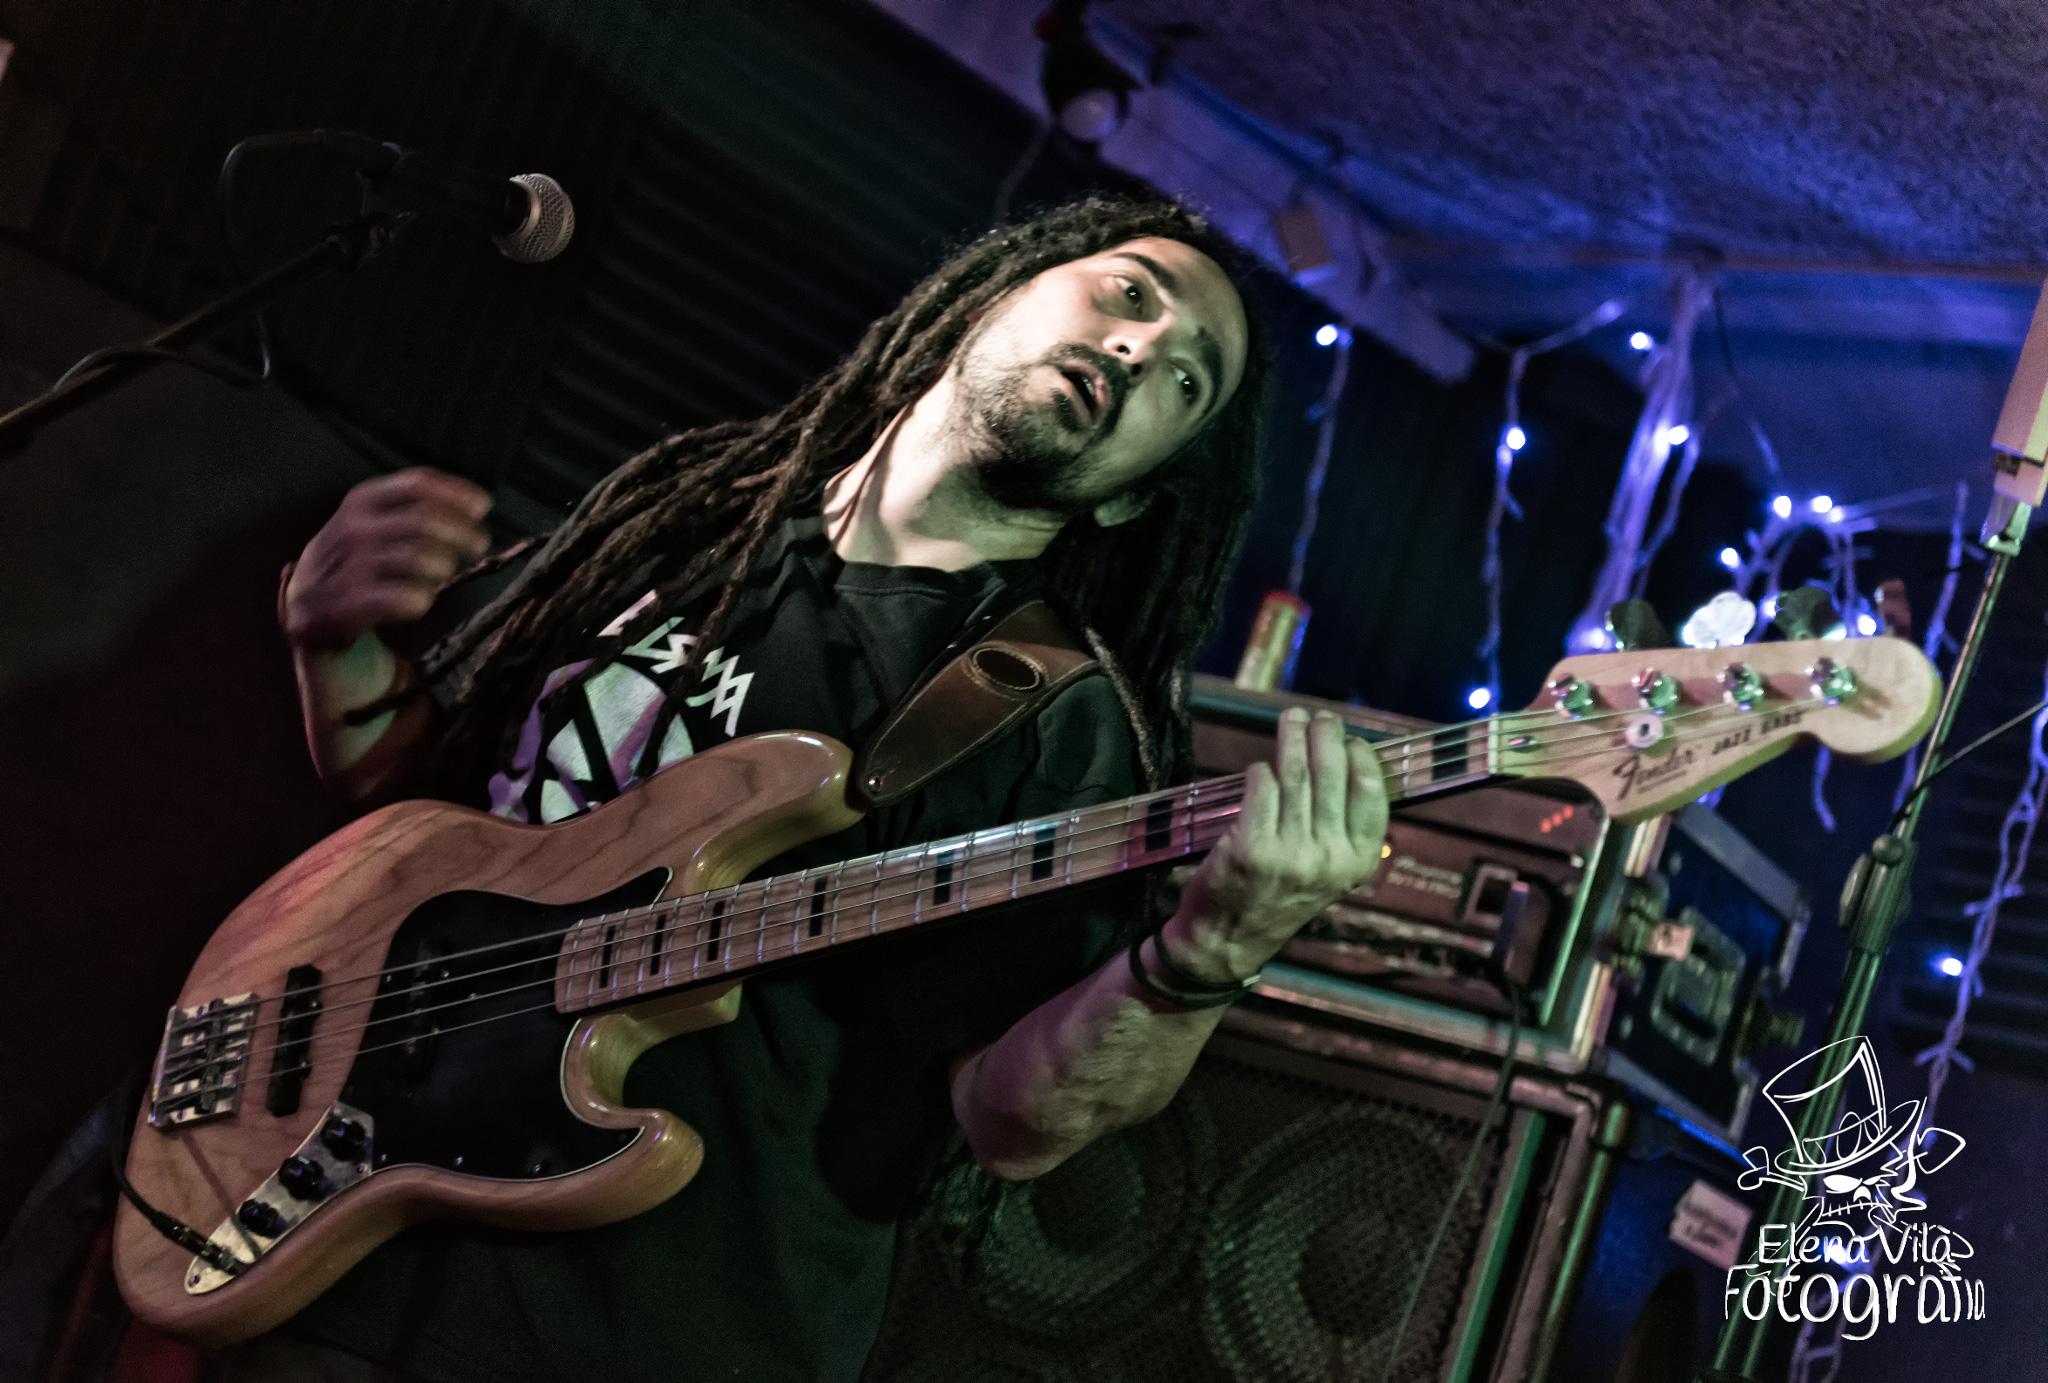 elisma rock&apples13